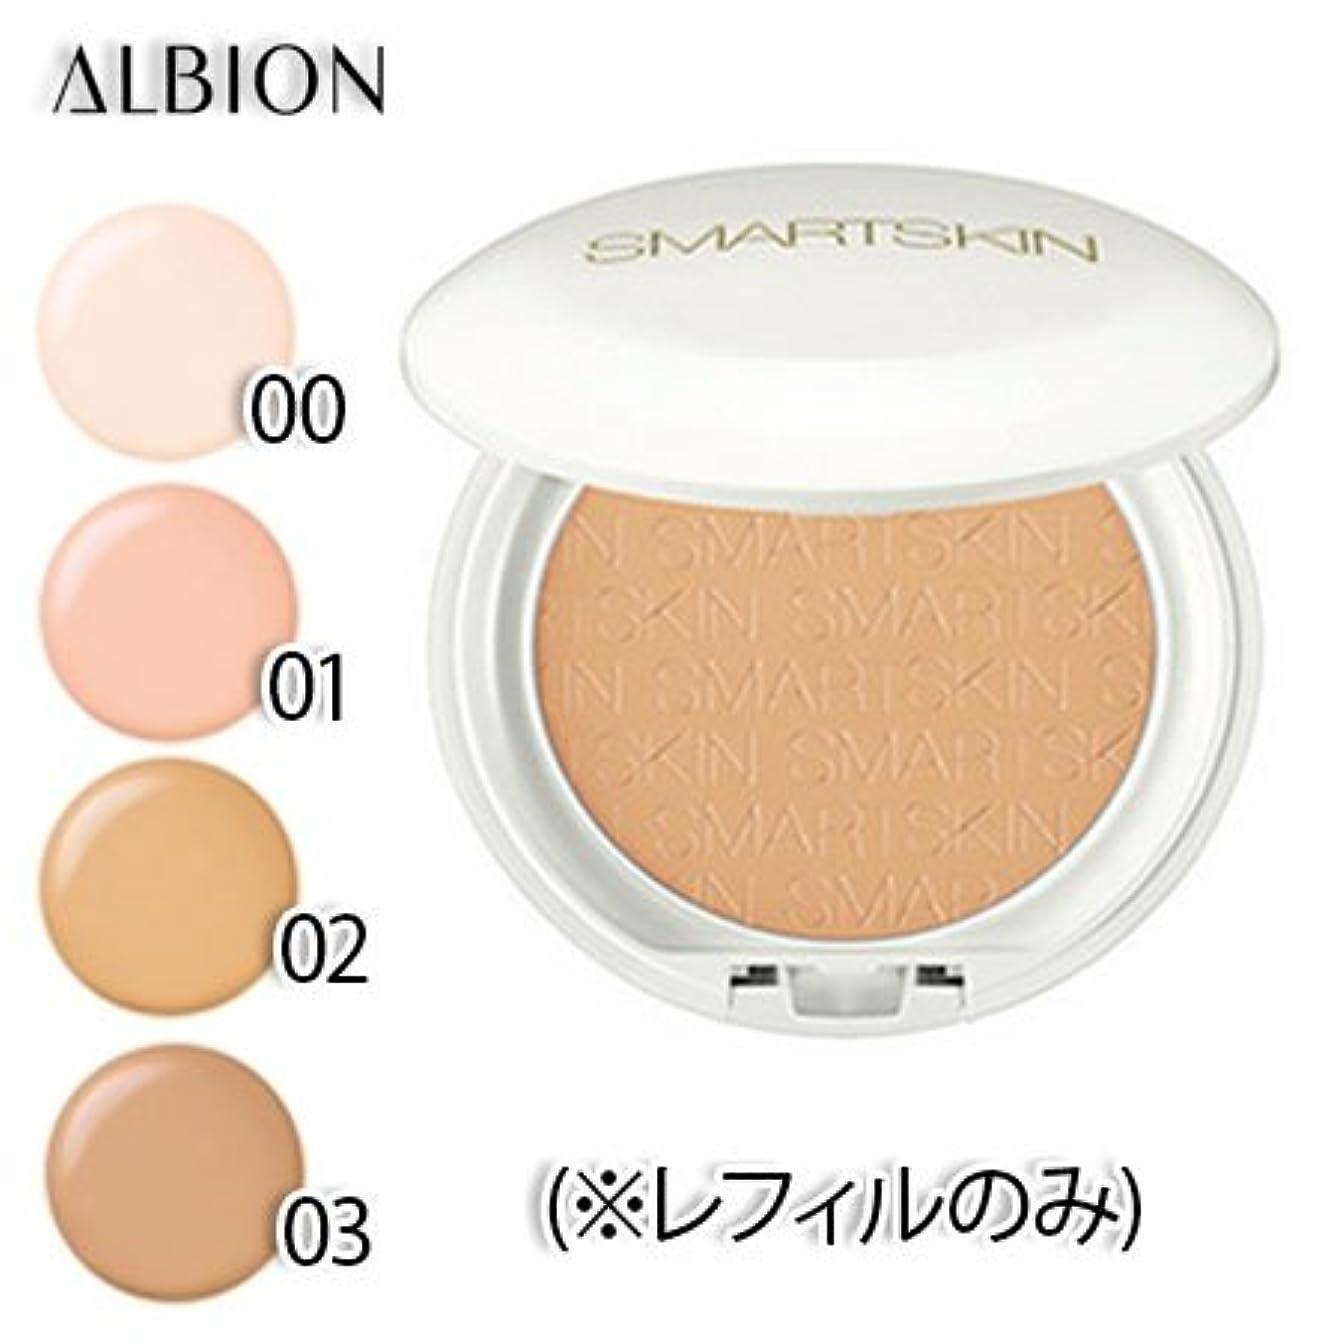 複製番号不測の事態アルビオン スマートスキン ホワイトレア 全4色 (レフィルのみ) SPF40 PA++++ 10g -ALBION- 00